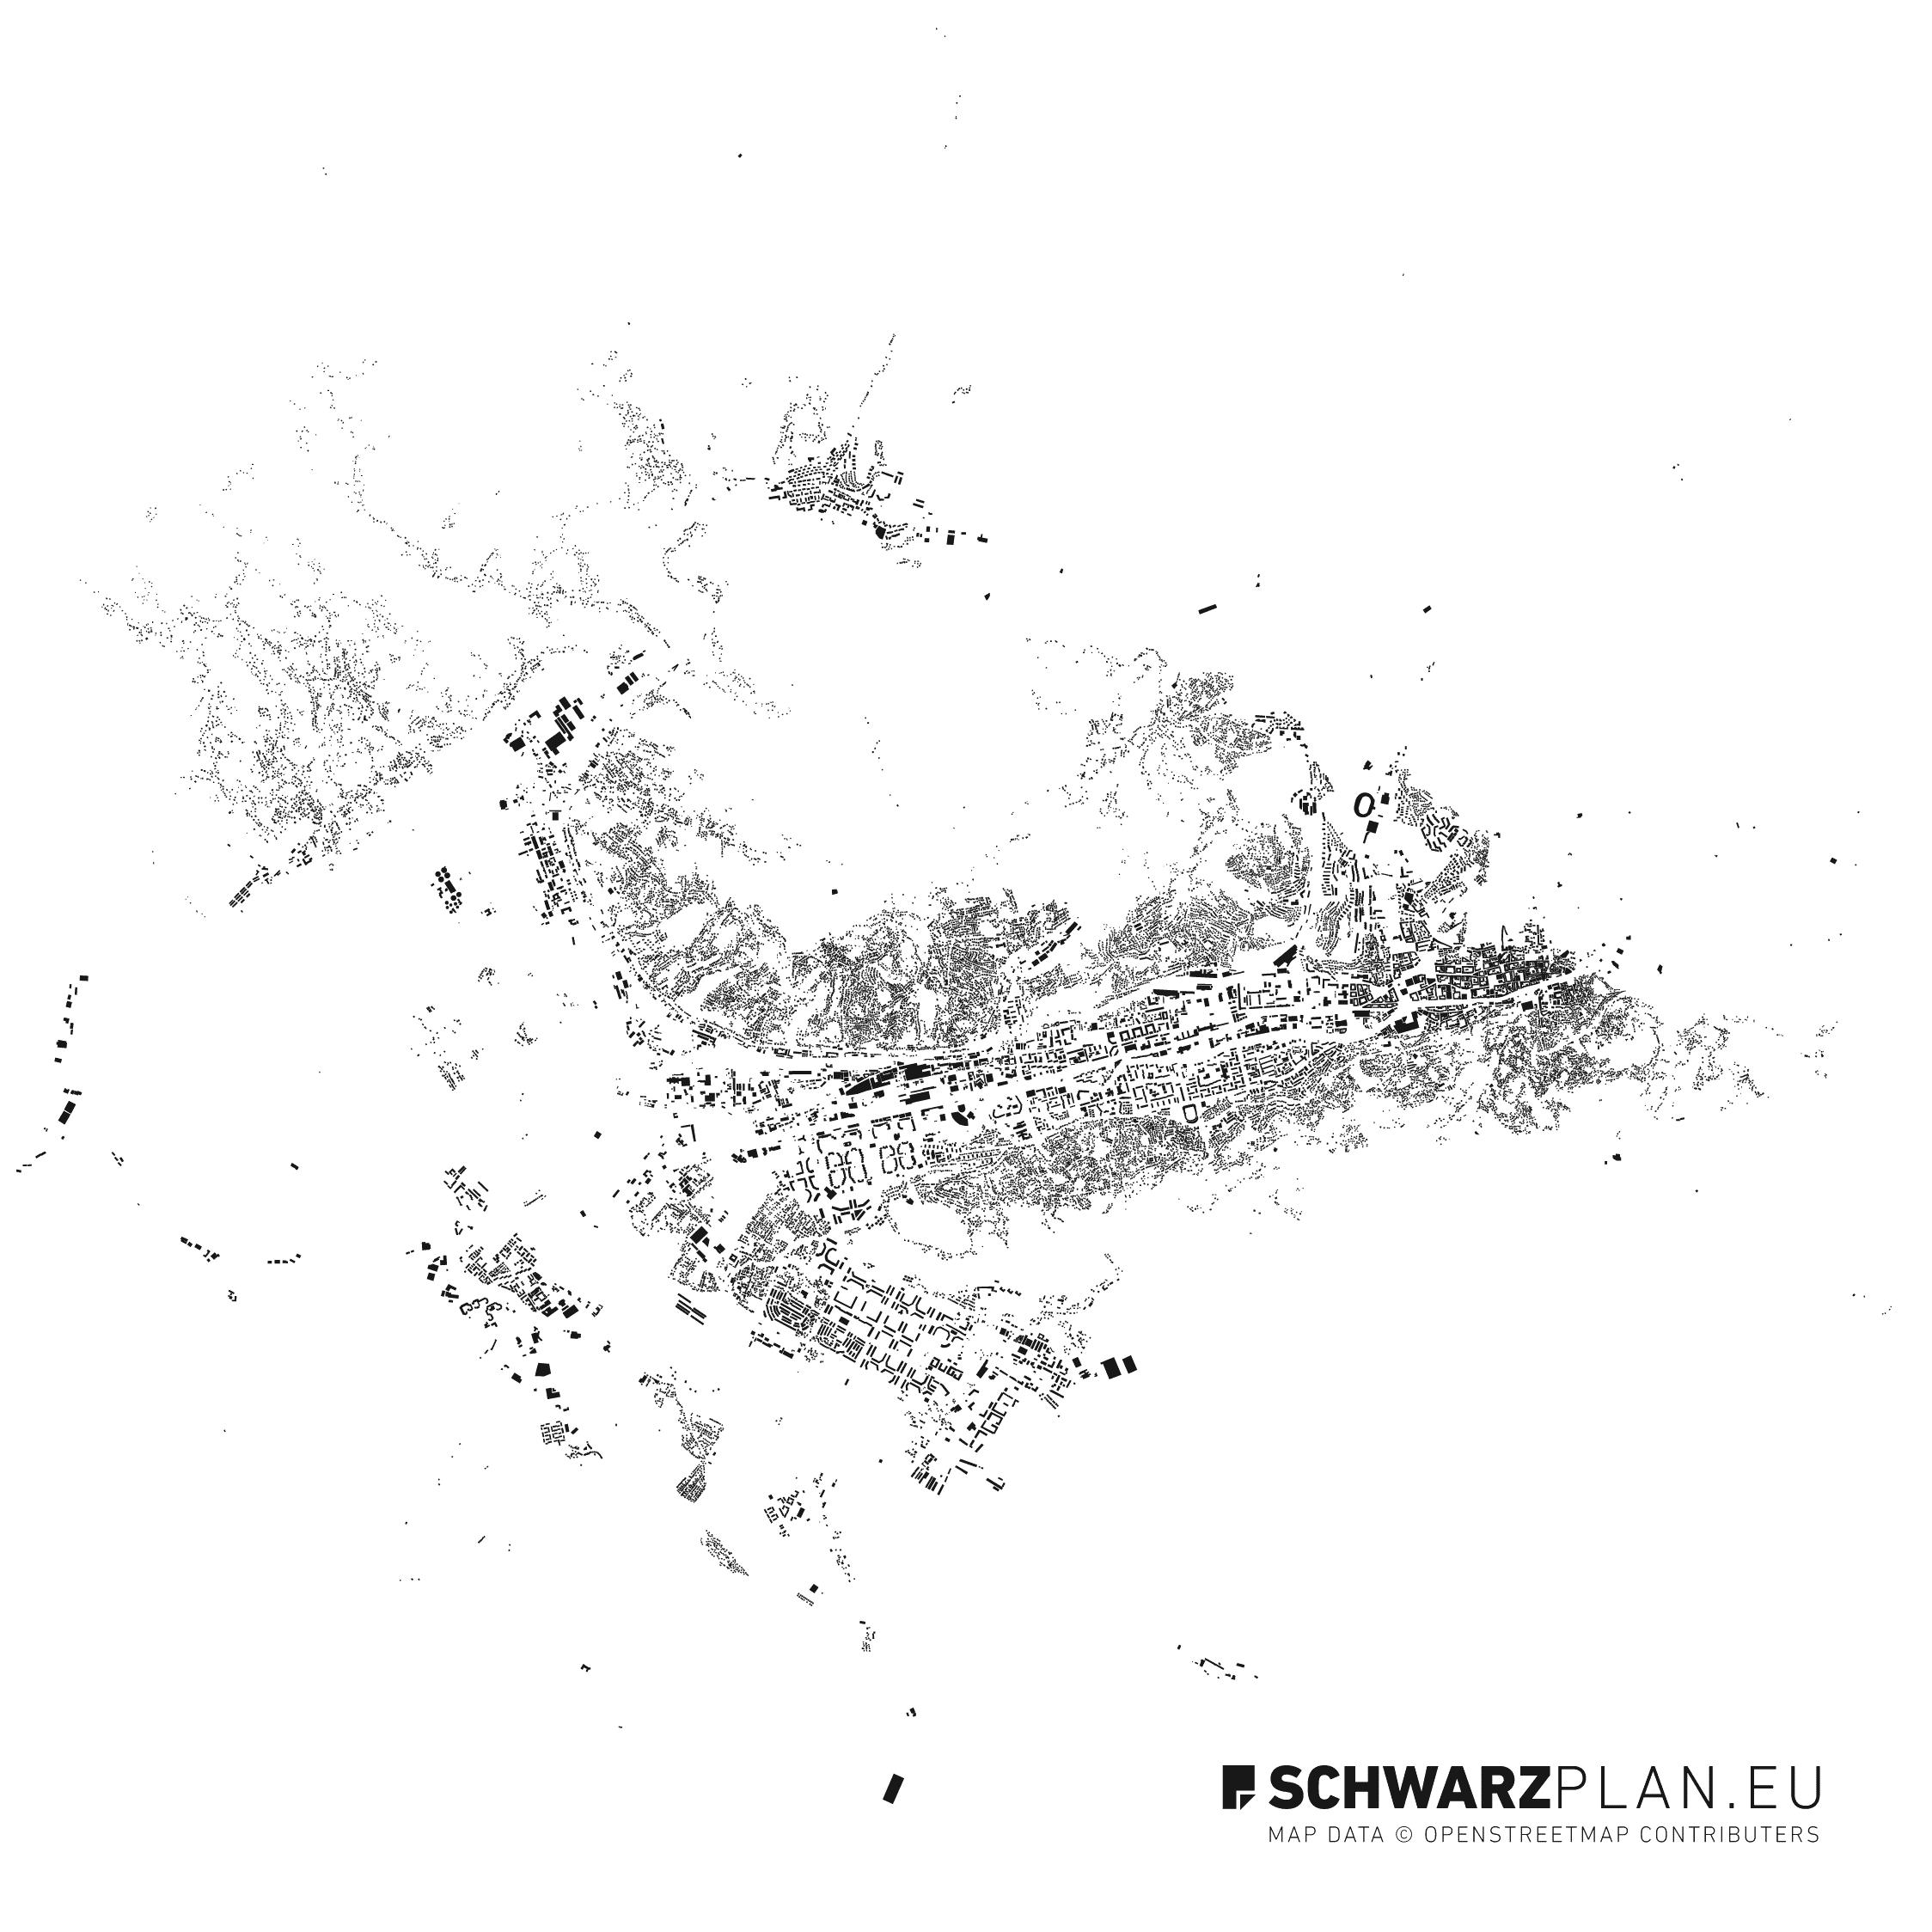 Figure Ground Plan of Sarajevo